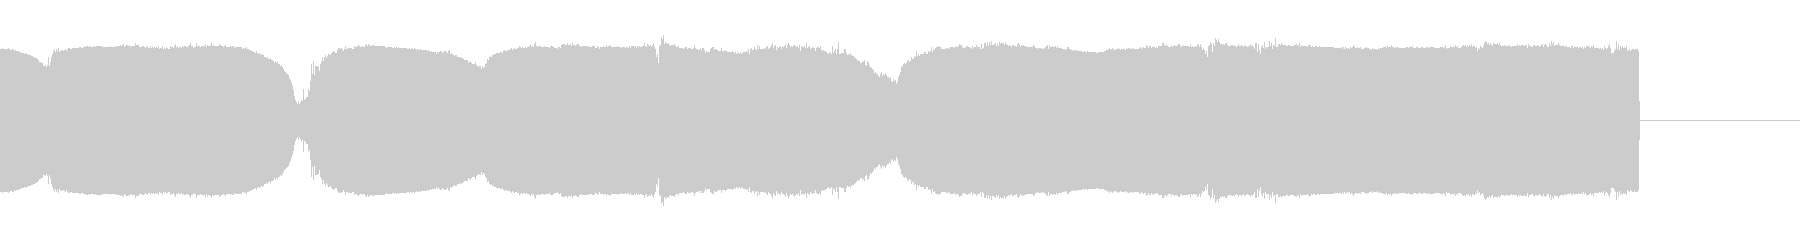 チューニング;古いスタイルのSFラ...の未再生の波形